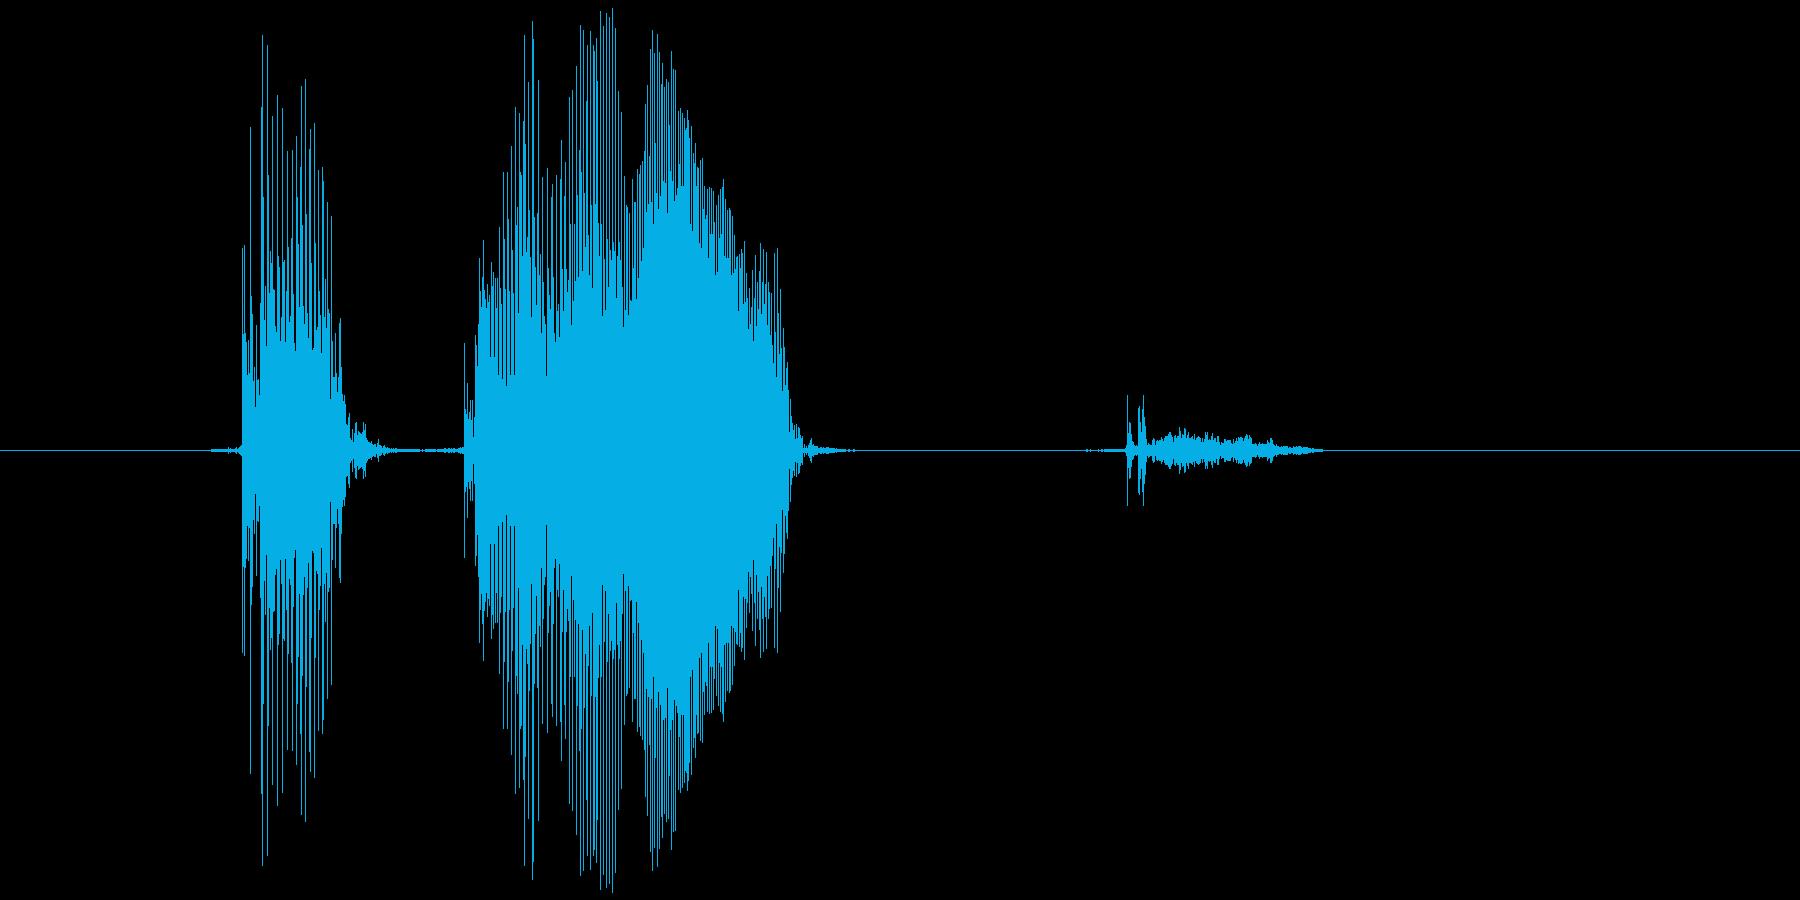 「アターック!」の再生済みの波形